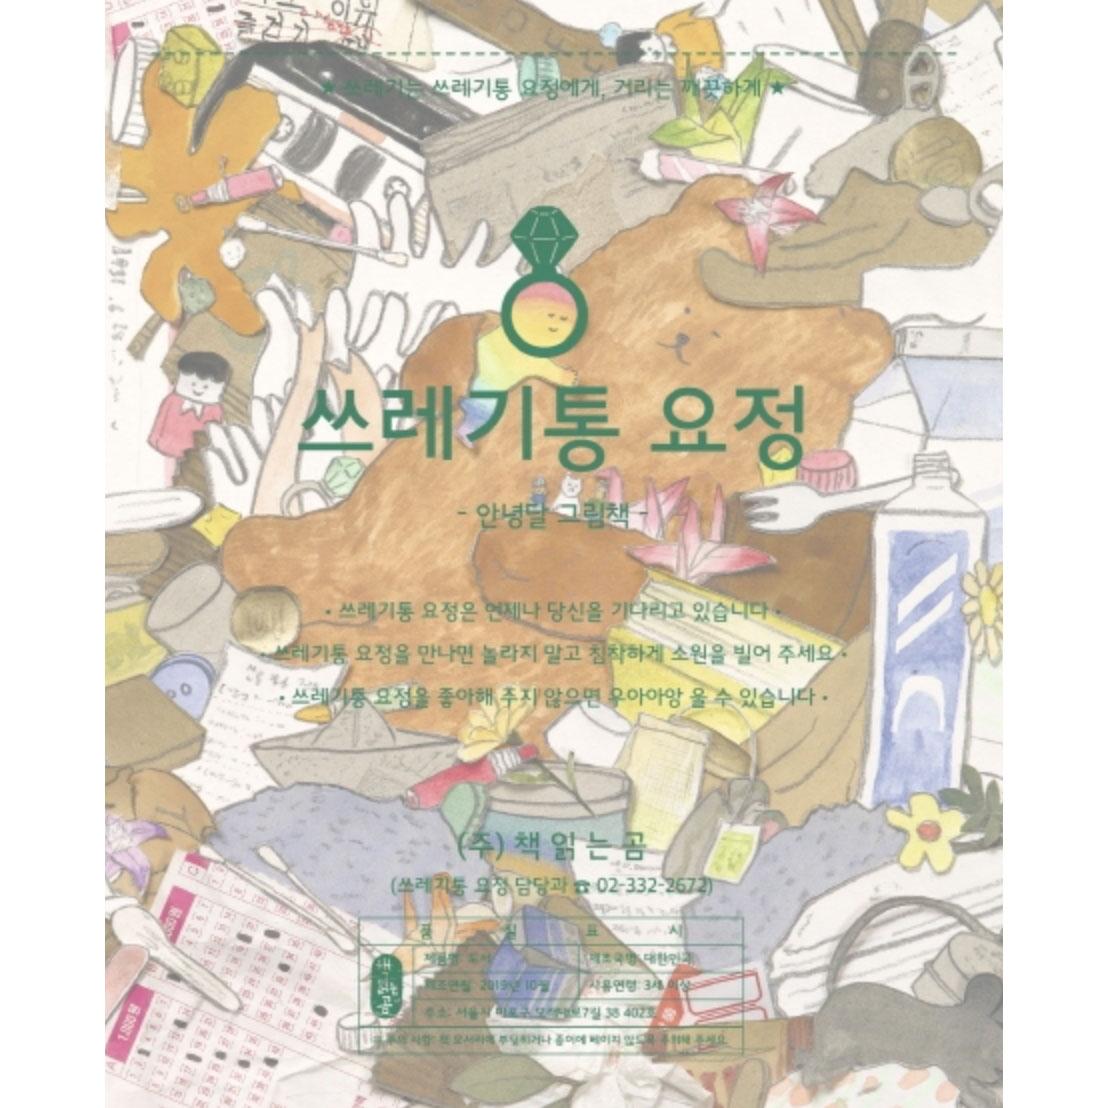 [안녕달 그림책] 쓰레기통 요정